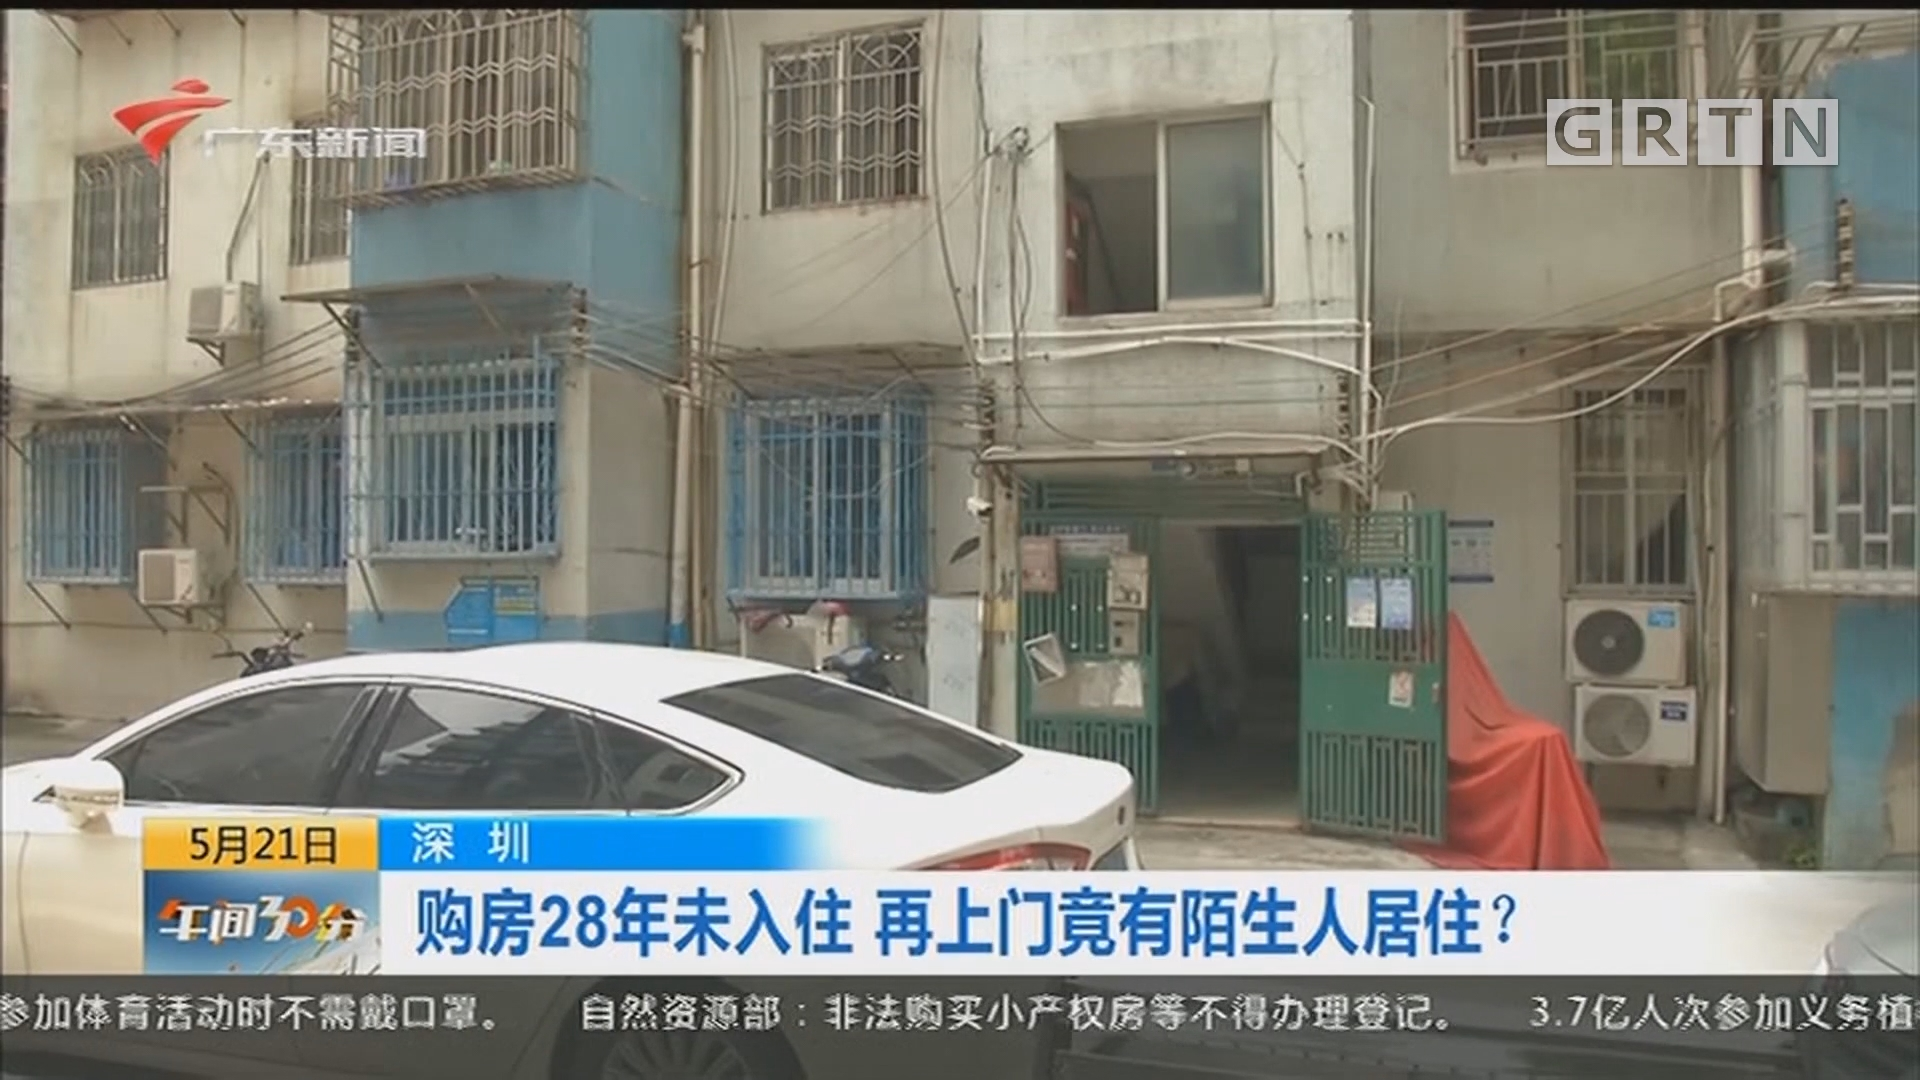 深圳:购房28年未入住 再上门竟有陌生人居住?